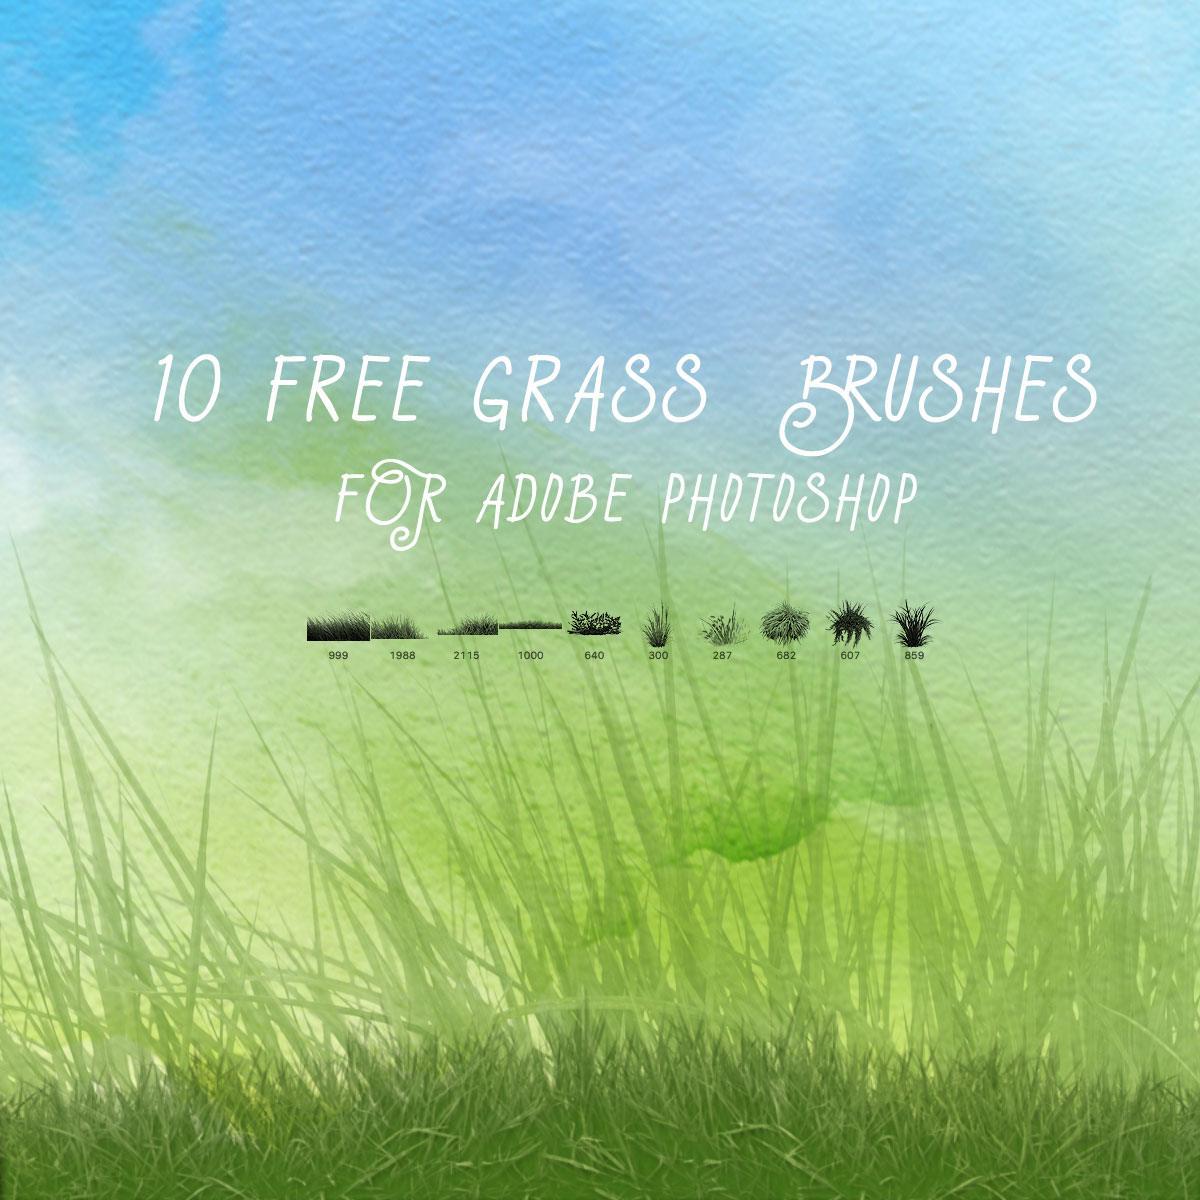 10 Free Grass Brushes Photoshop brush